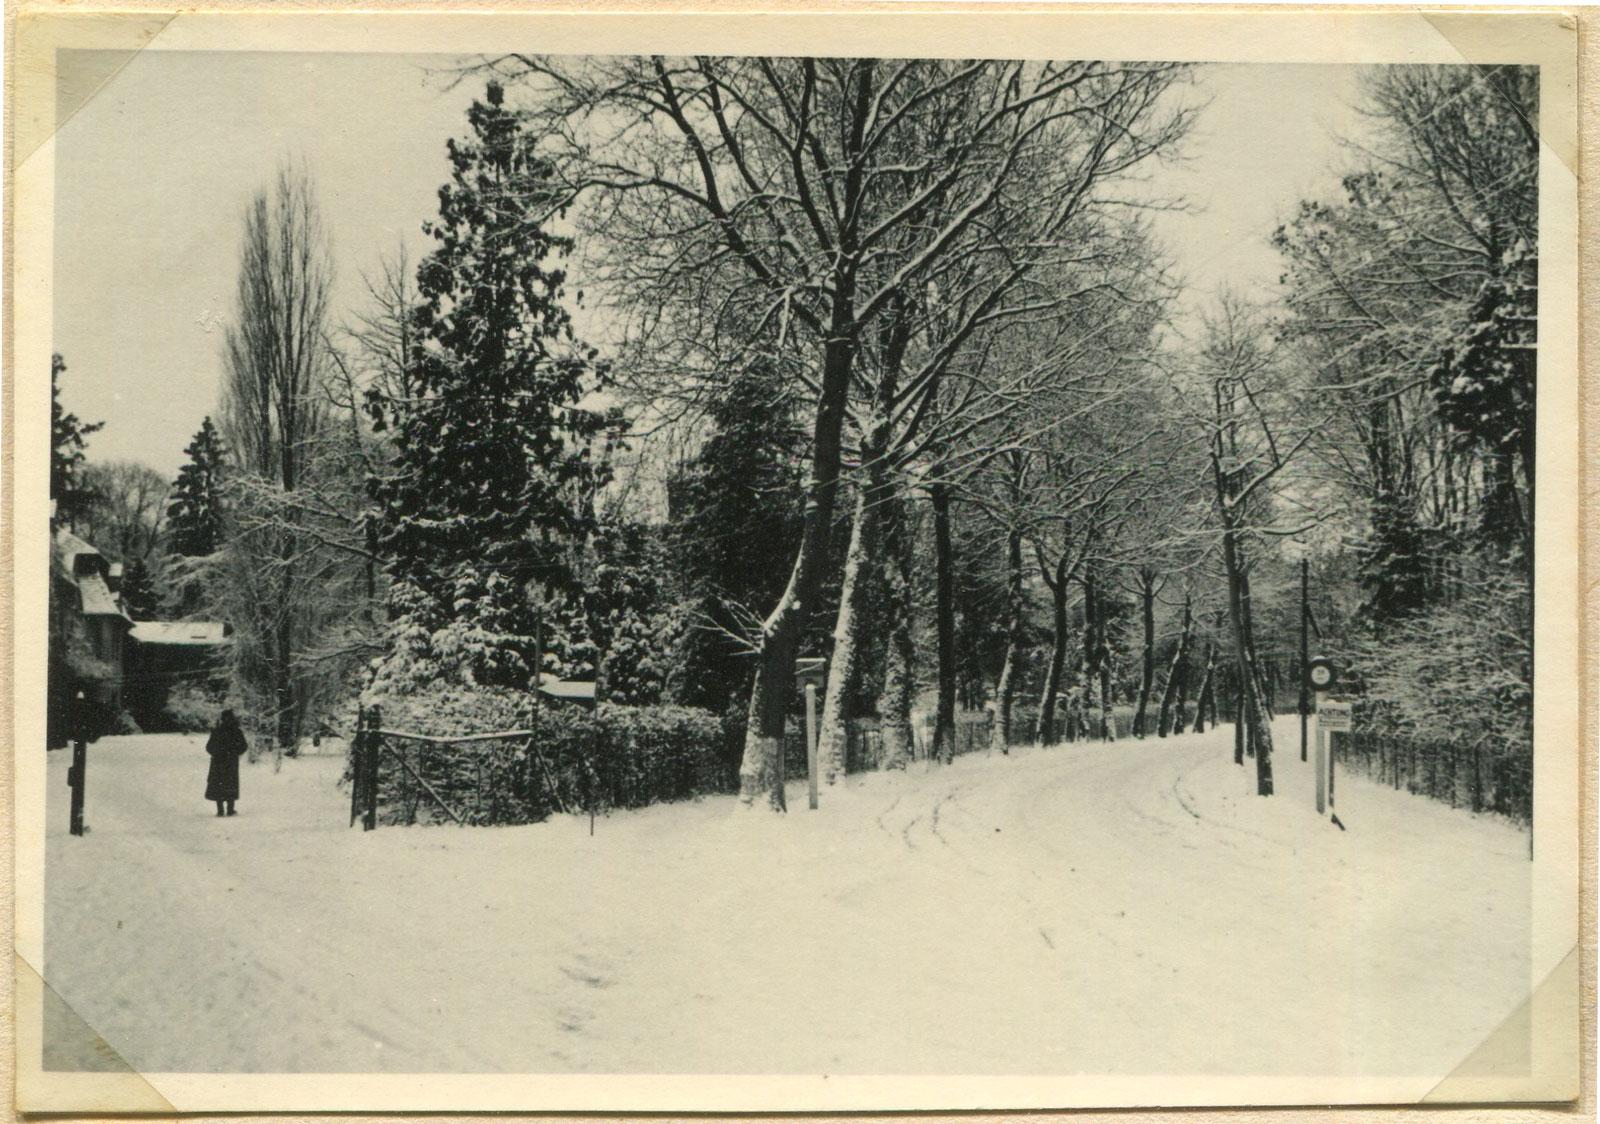 Kórnik ul. Zamkowa - zima 1939 rok